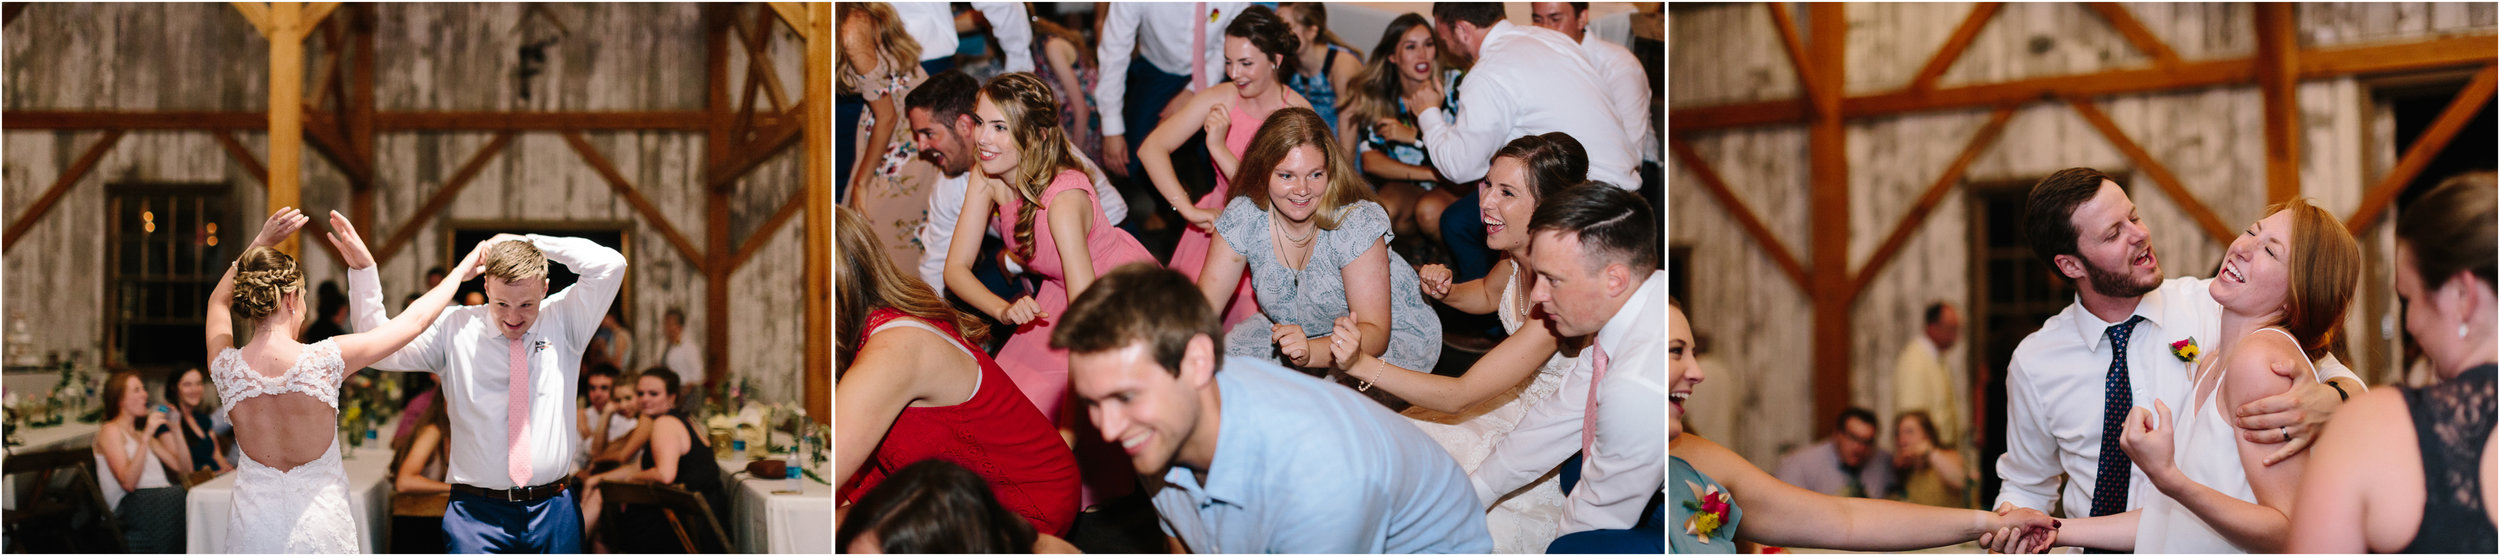 alyssa barletter photography weston missouri bright summer wedding allie and alex cole-66.jpg